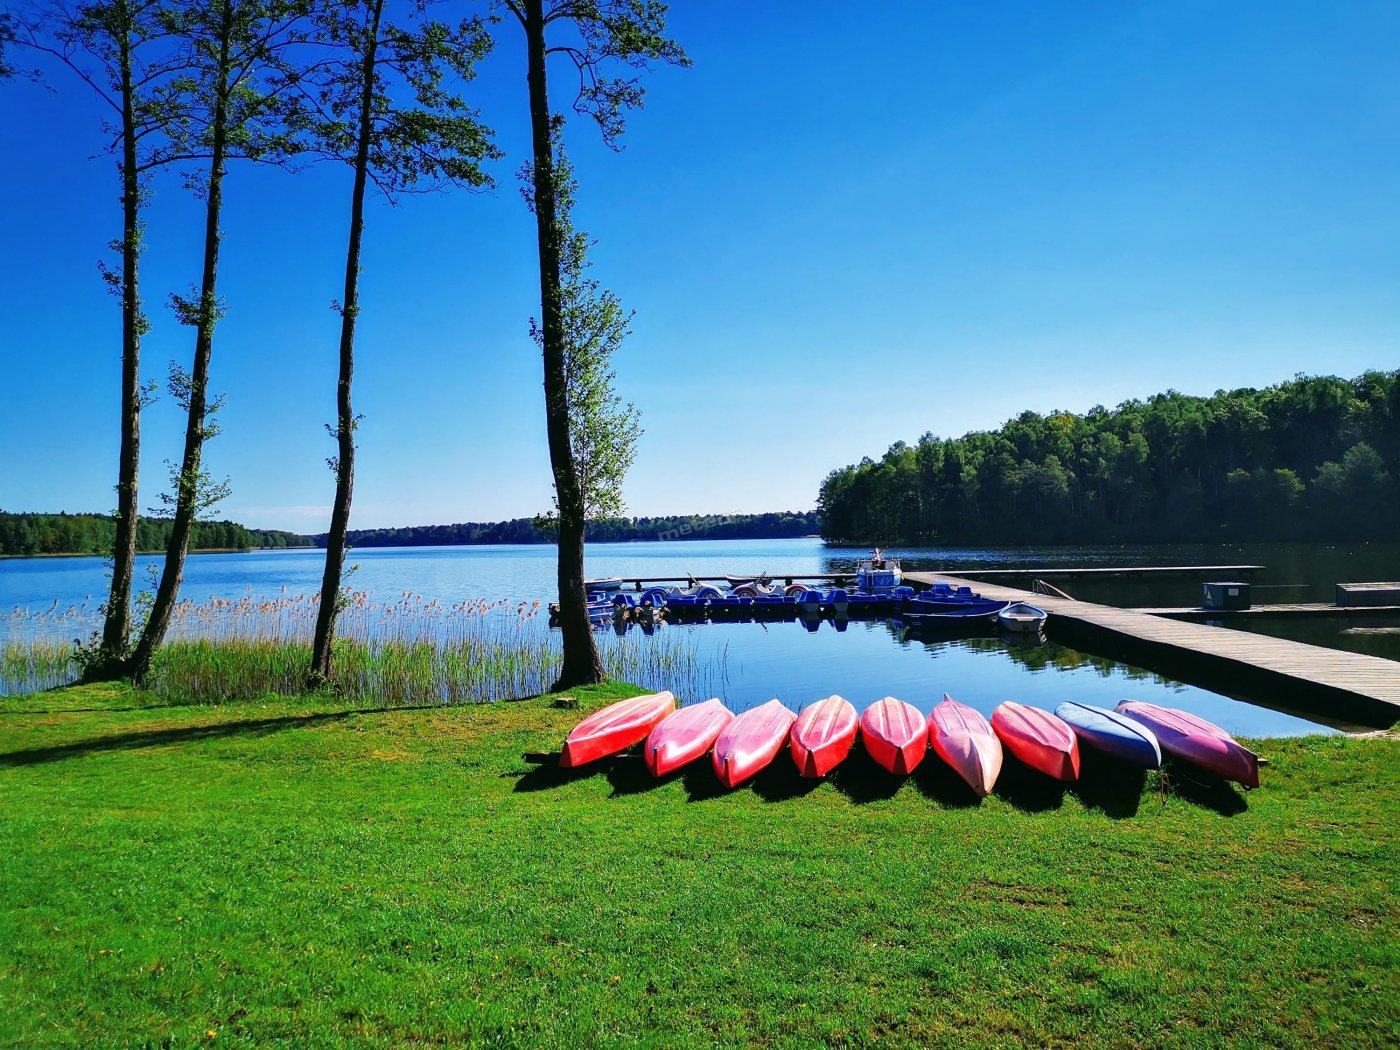 Ośrodek nad jeziorem Unimetal - Kujanki - nasza plaża i wypożyczalnia sprzętu do pływania